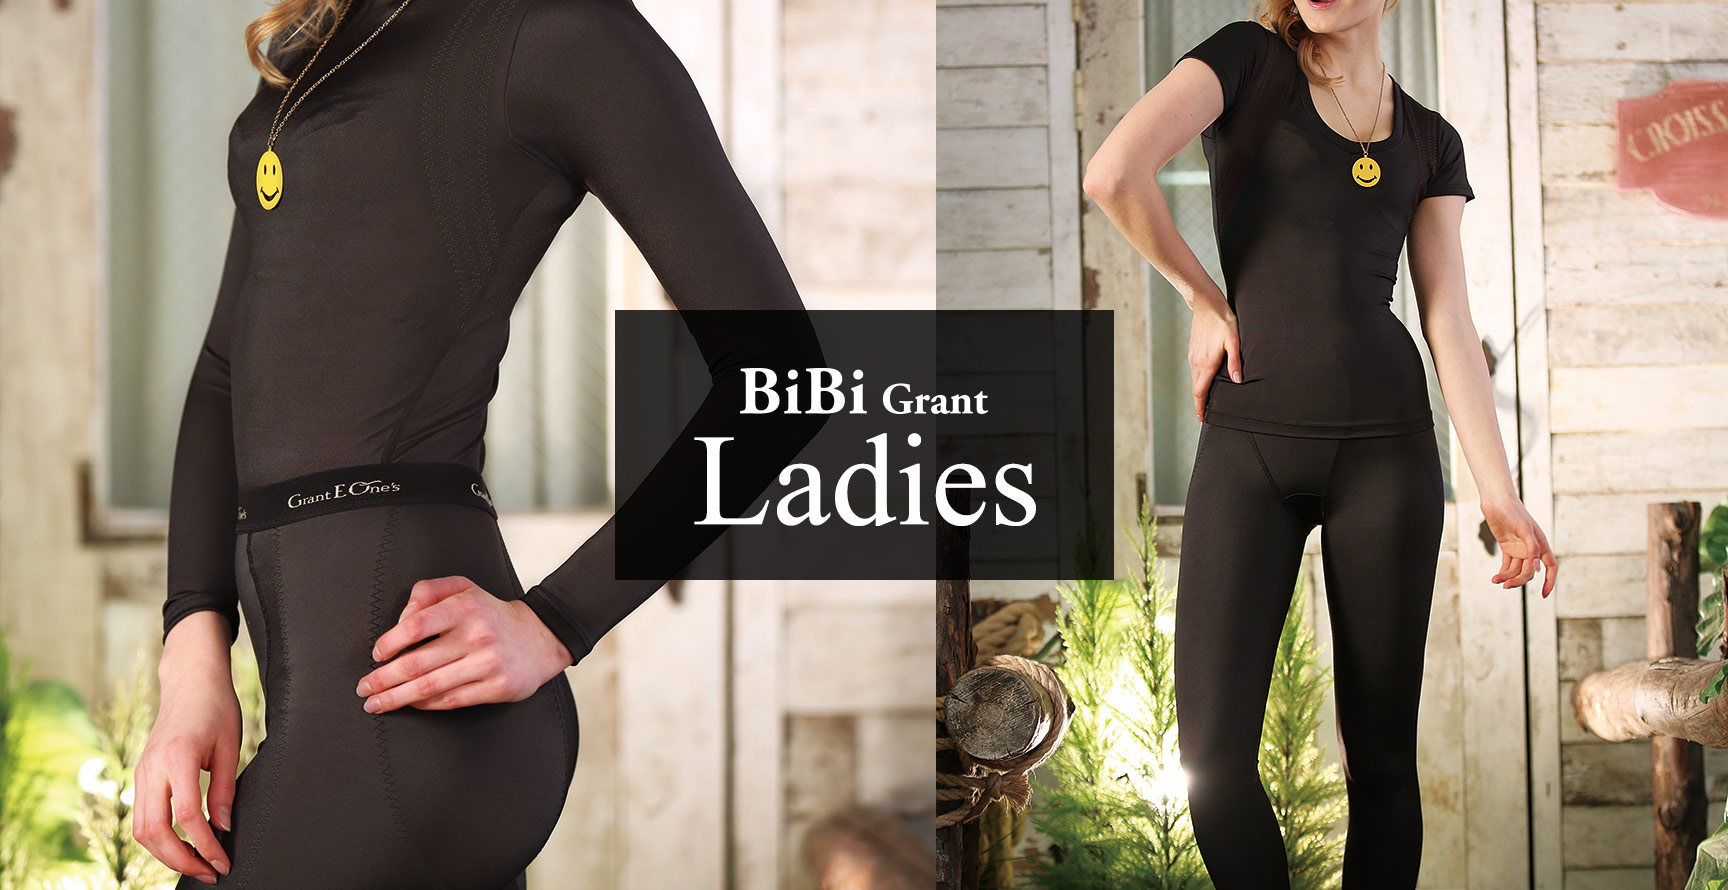 BiBi Grant Ladies